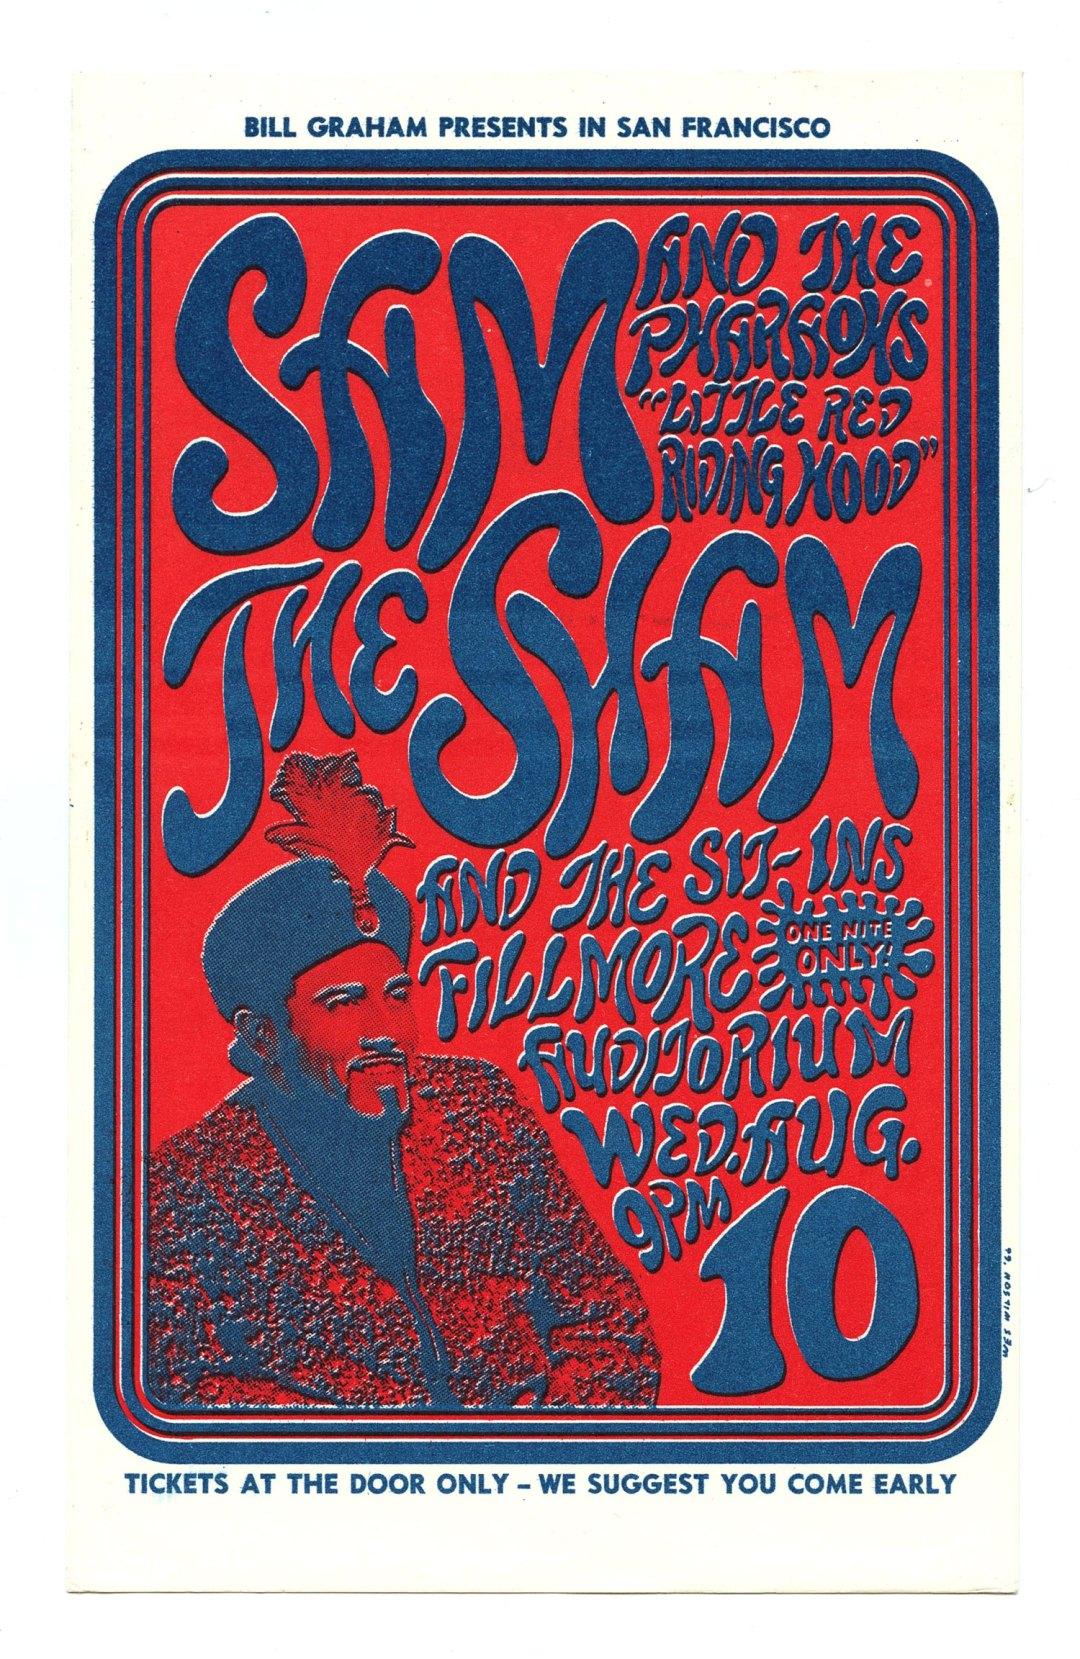 Bill Graham 022 Postcard Sam the Sham & the Pharaohs Sit-ins 1966 Aug 10